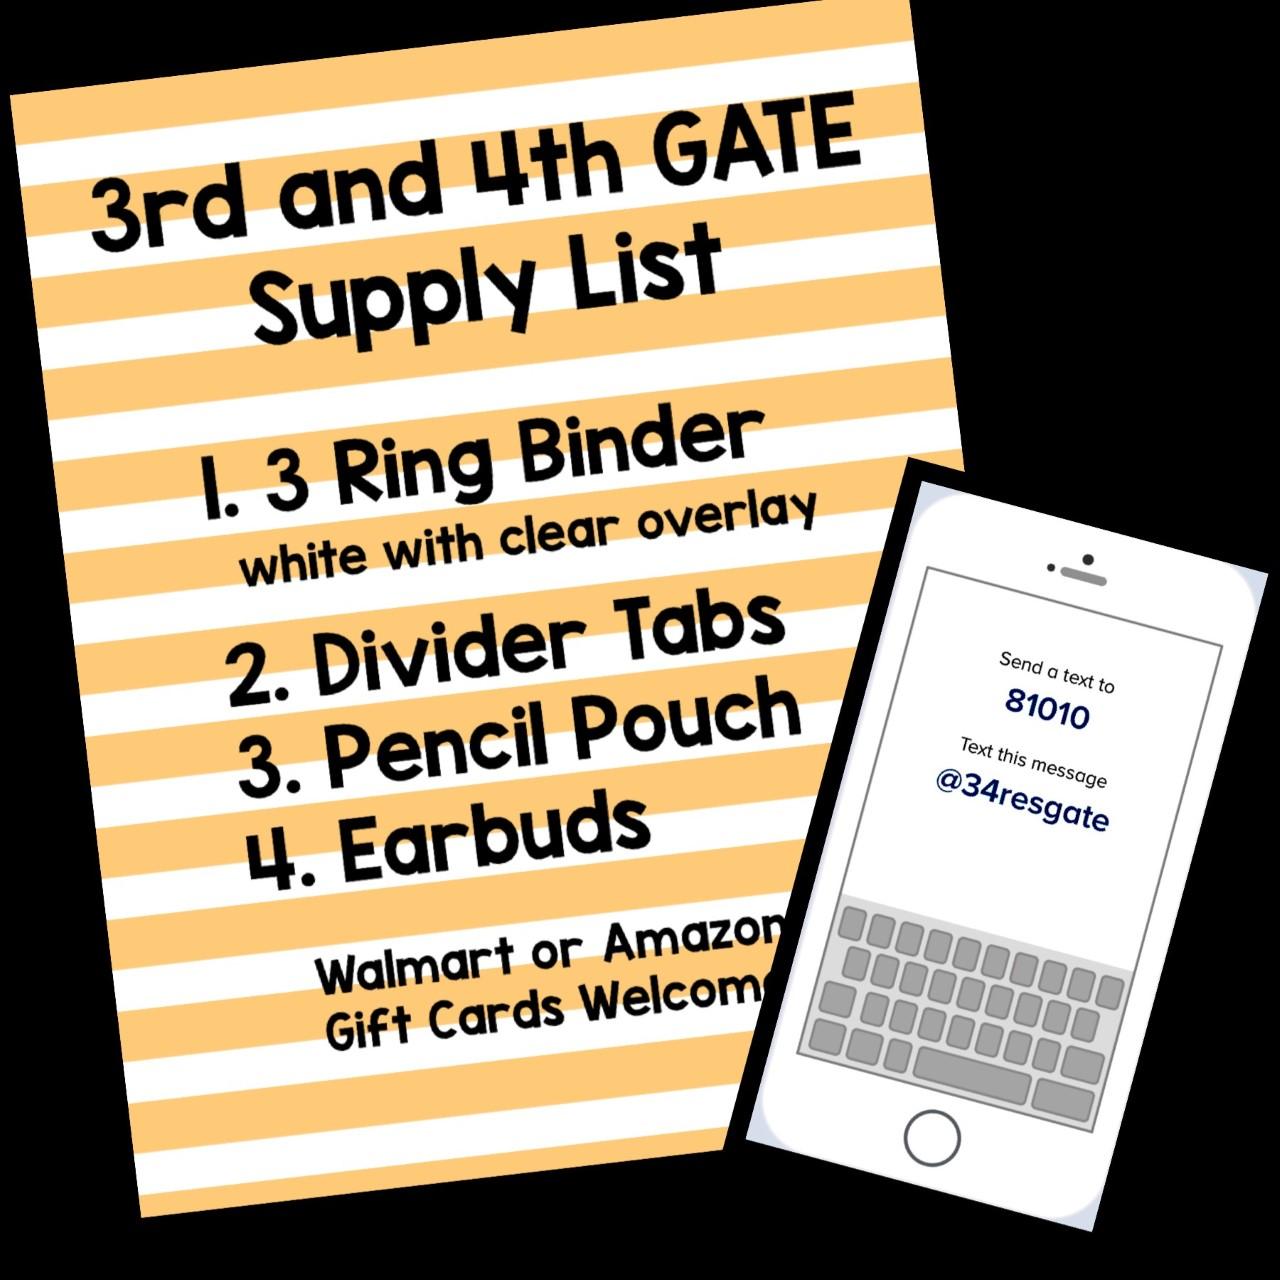 Supply List & Remind